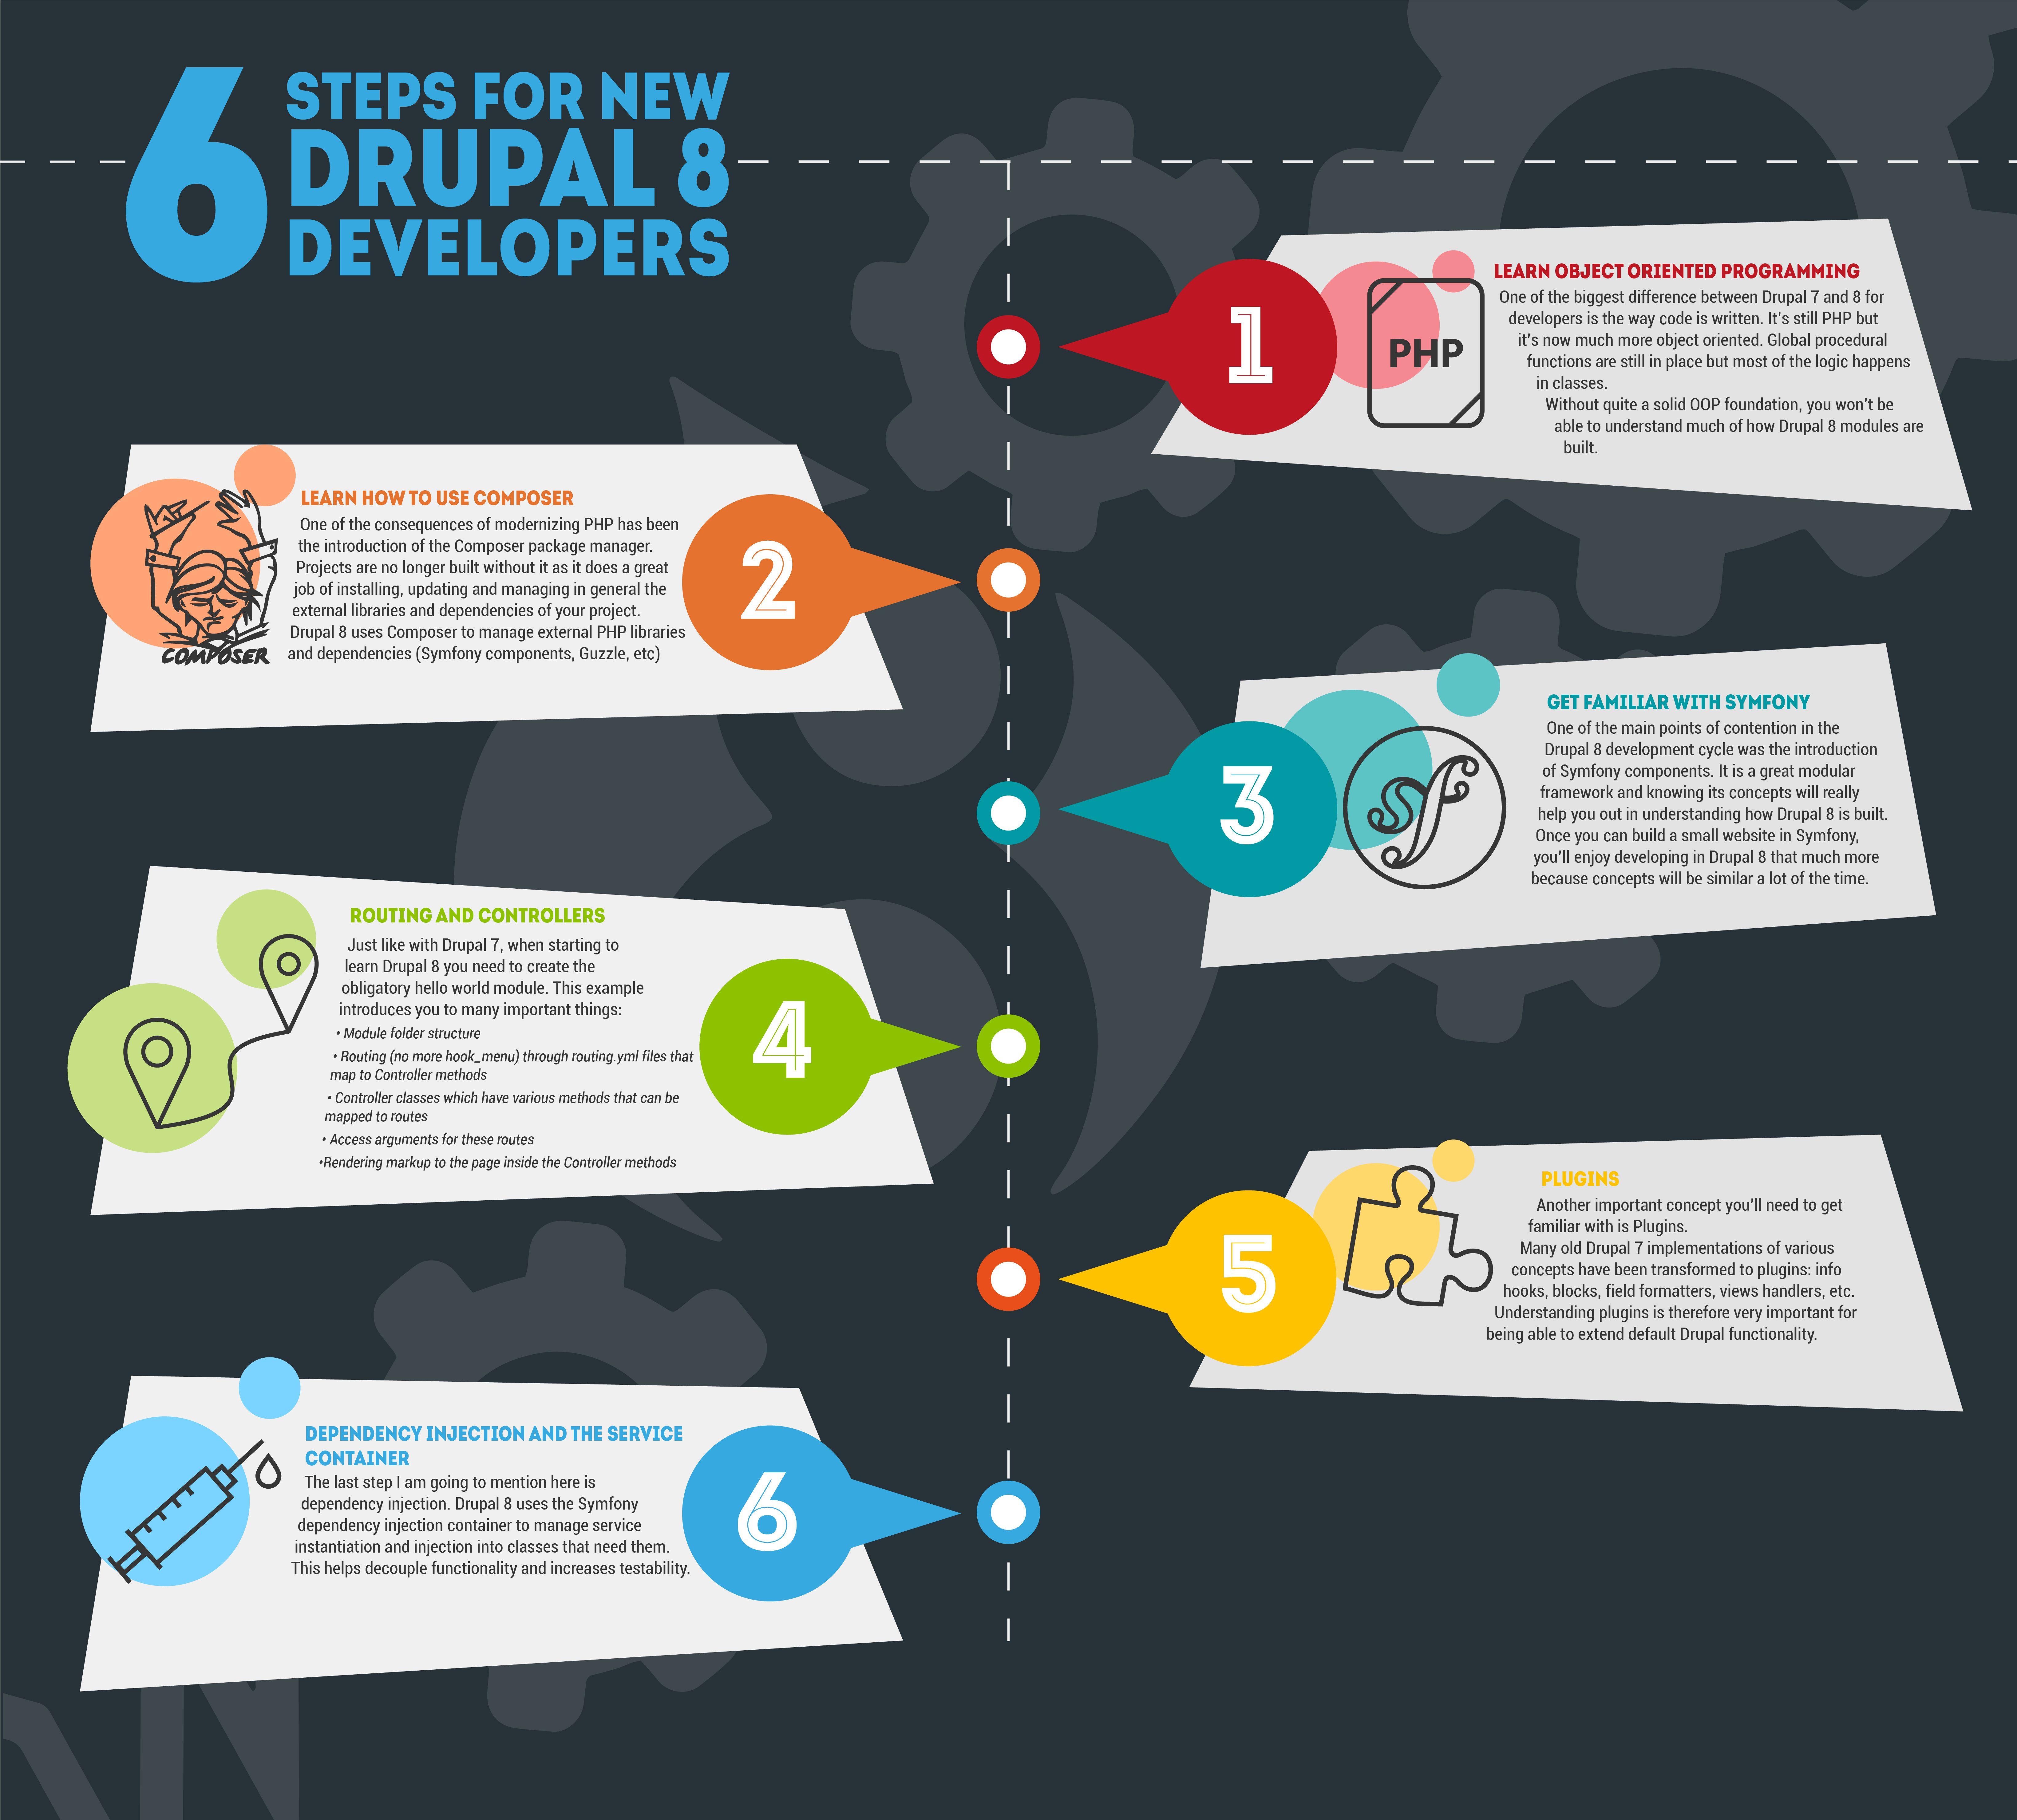 6 steps for new Drupal 8 developers Drupal 7 8 web development